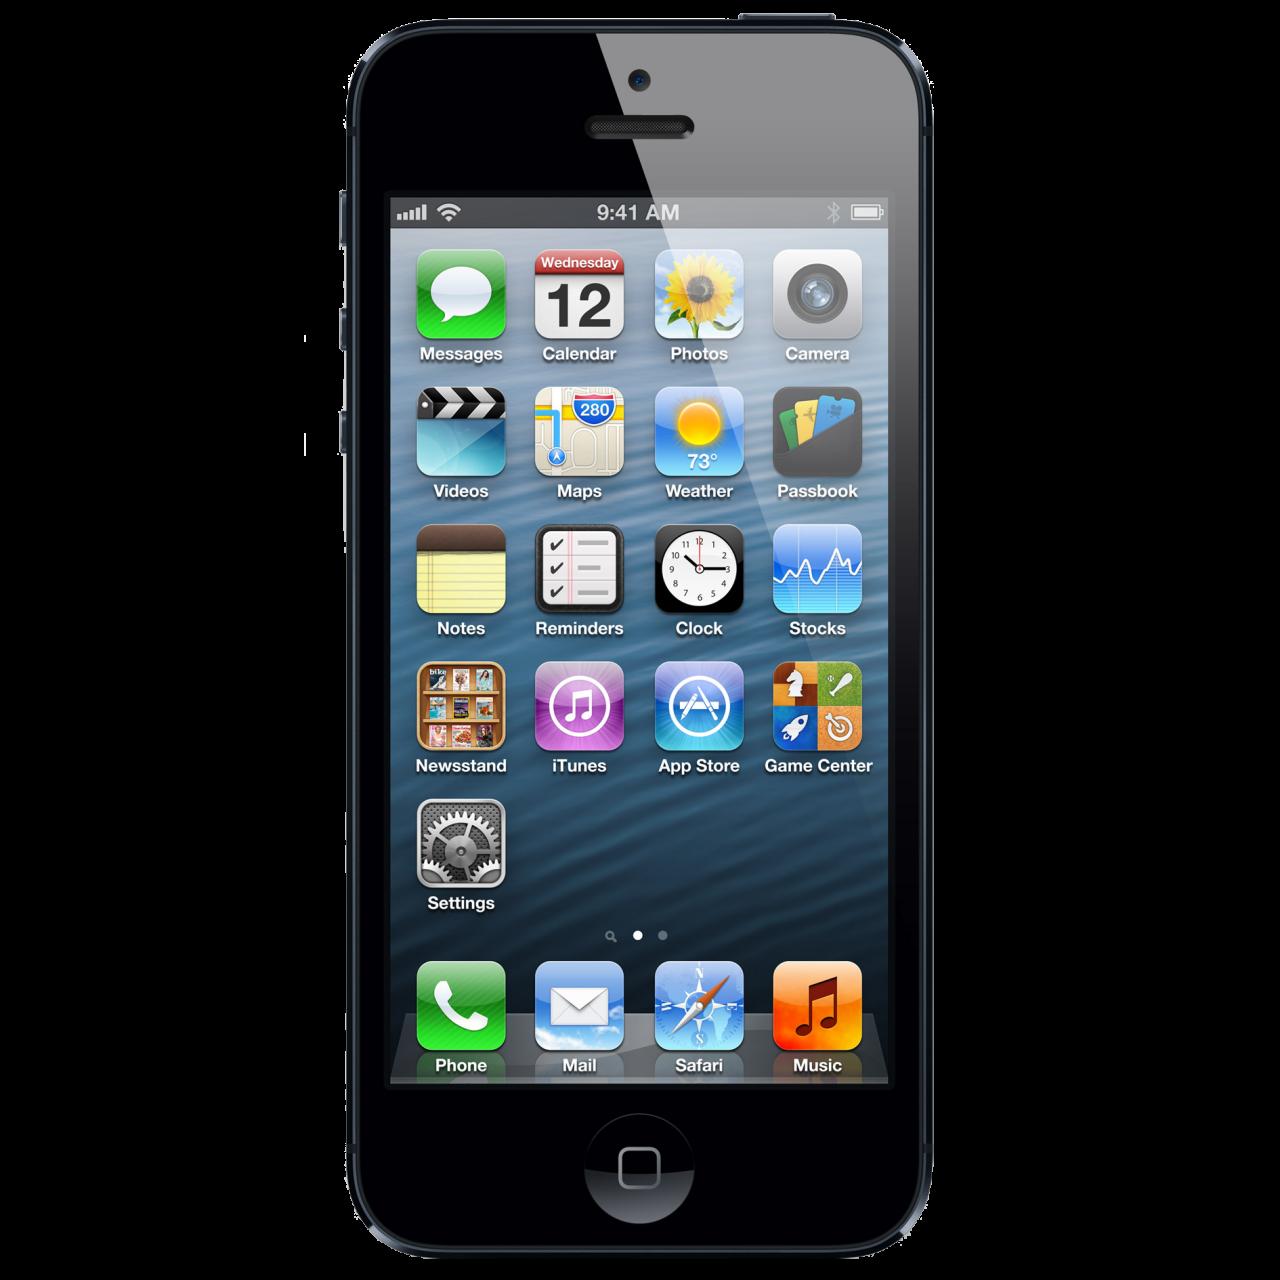 Begagnad iPhone 7 - 7Plus Olst med garanti Blue City Begagnad iPhone - Billig iPhone hos Swedphone - Köp din iPhone Nya och begagnade mobiltelefoner billigt - iPhone